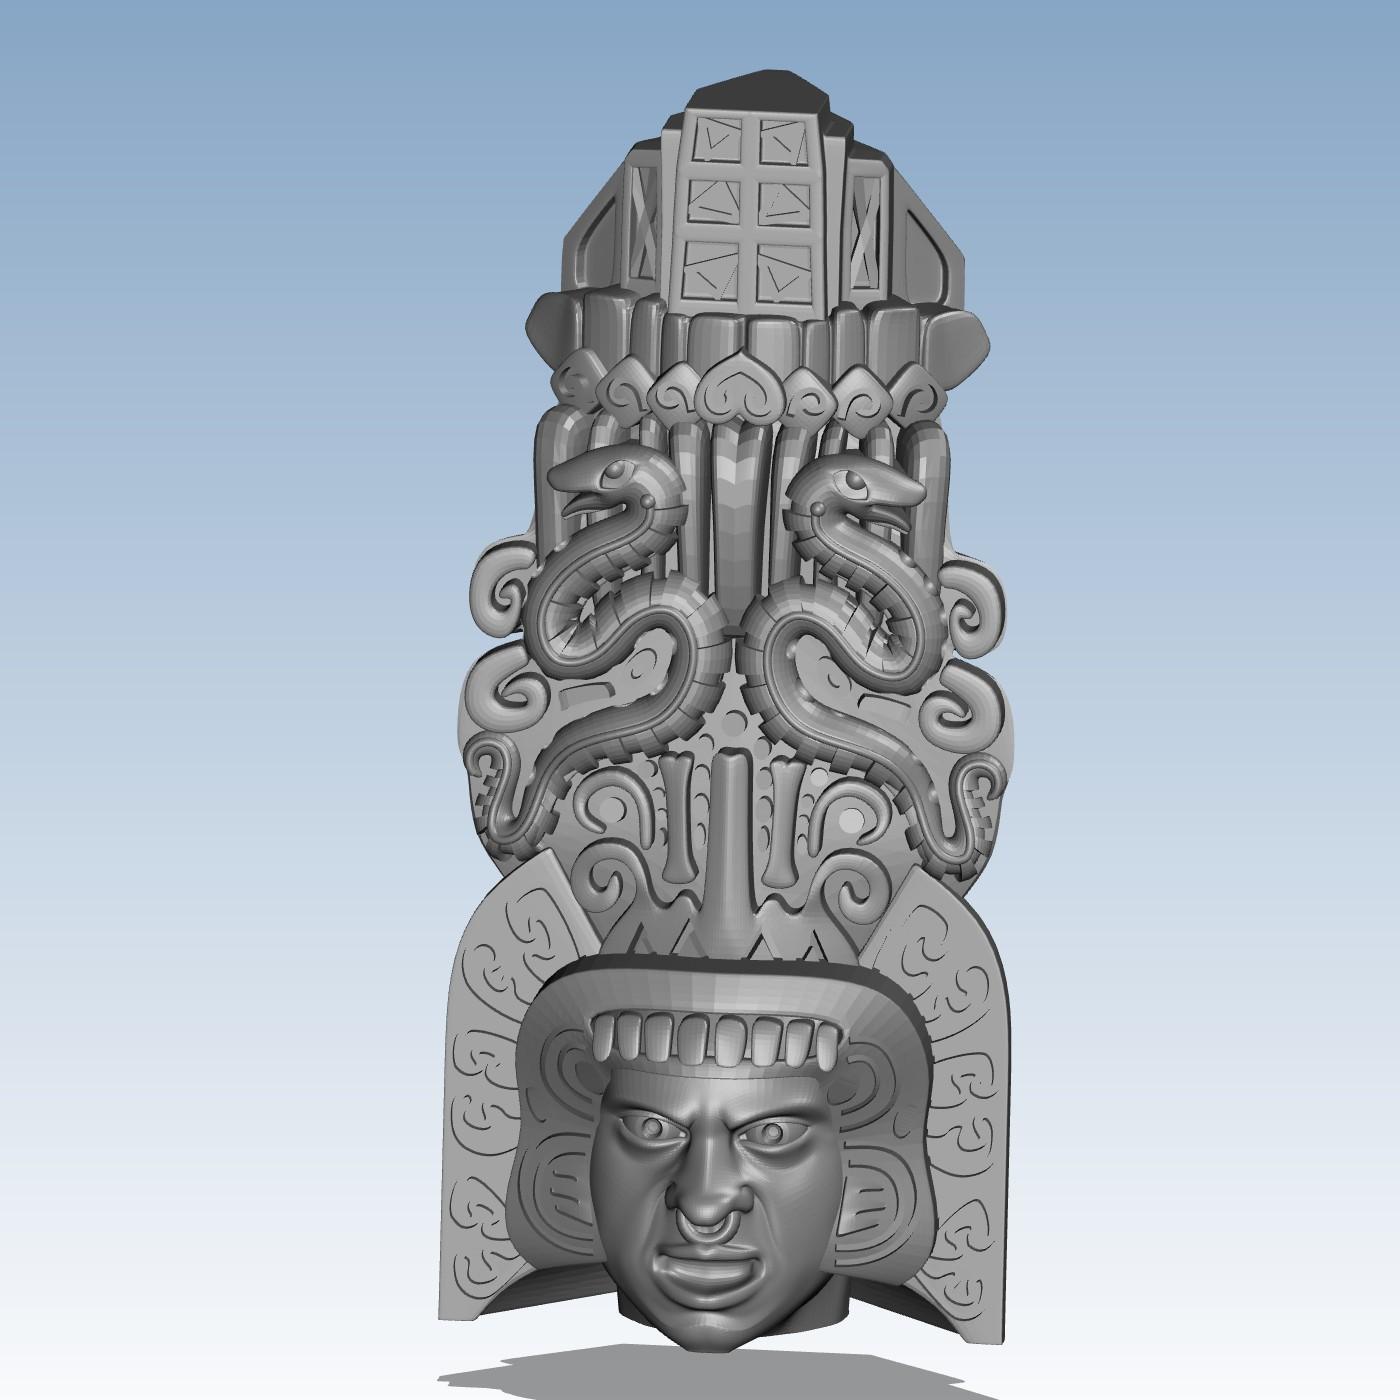 Snake Тотем Индивидуальный заказ высокой точности высокого качества цифровых моделей 3D печать сервис воображаемые объекты Фэнтези ST4511